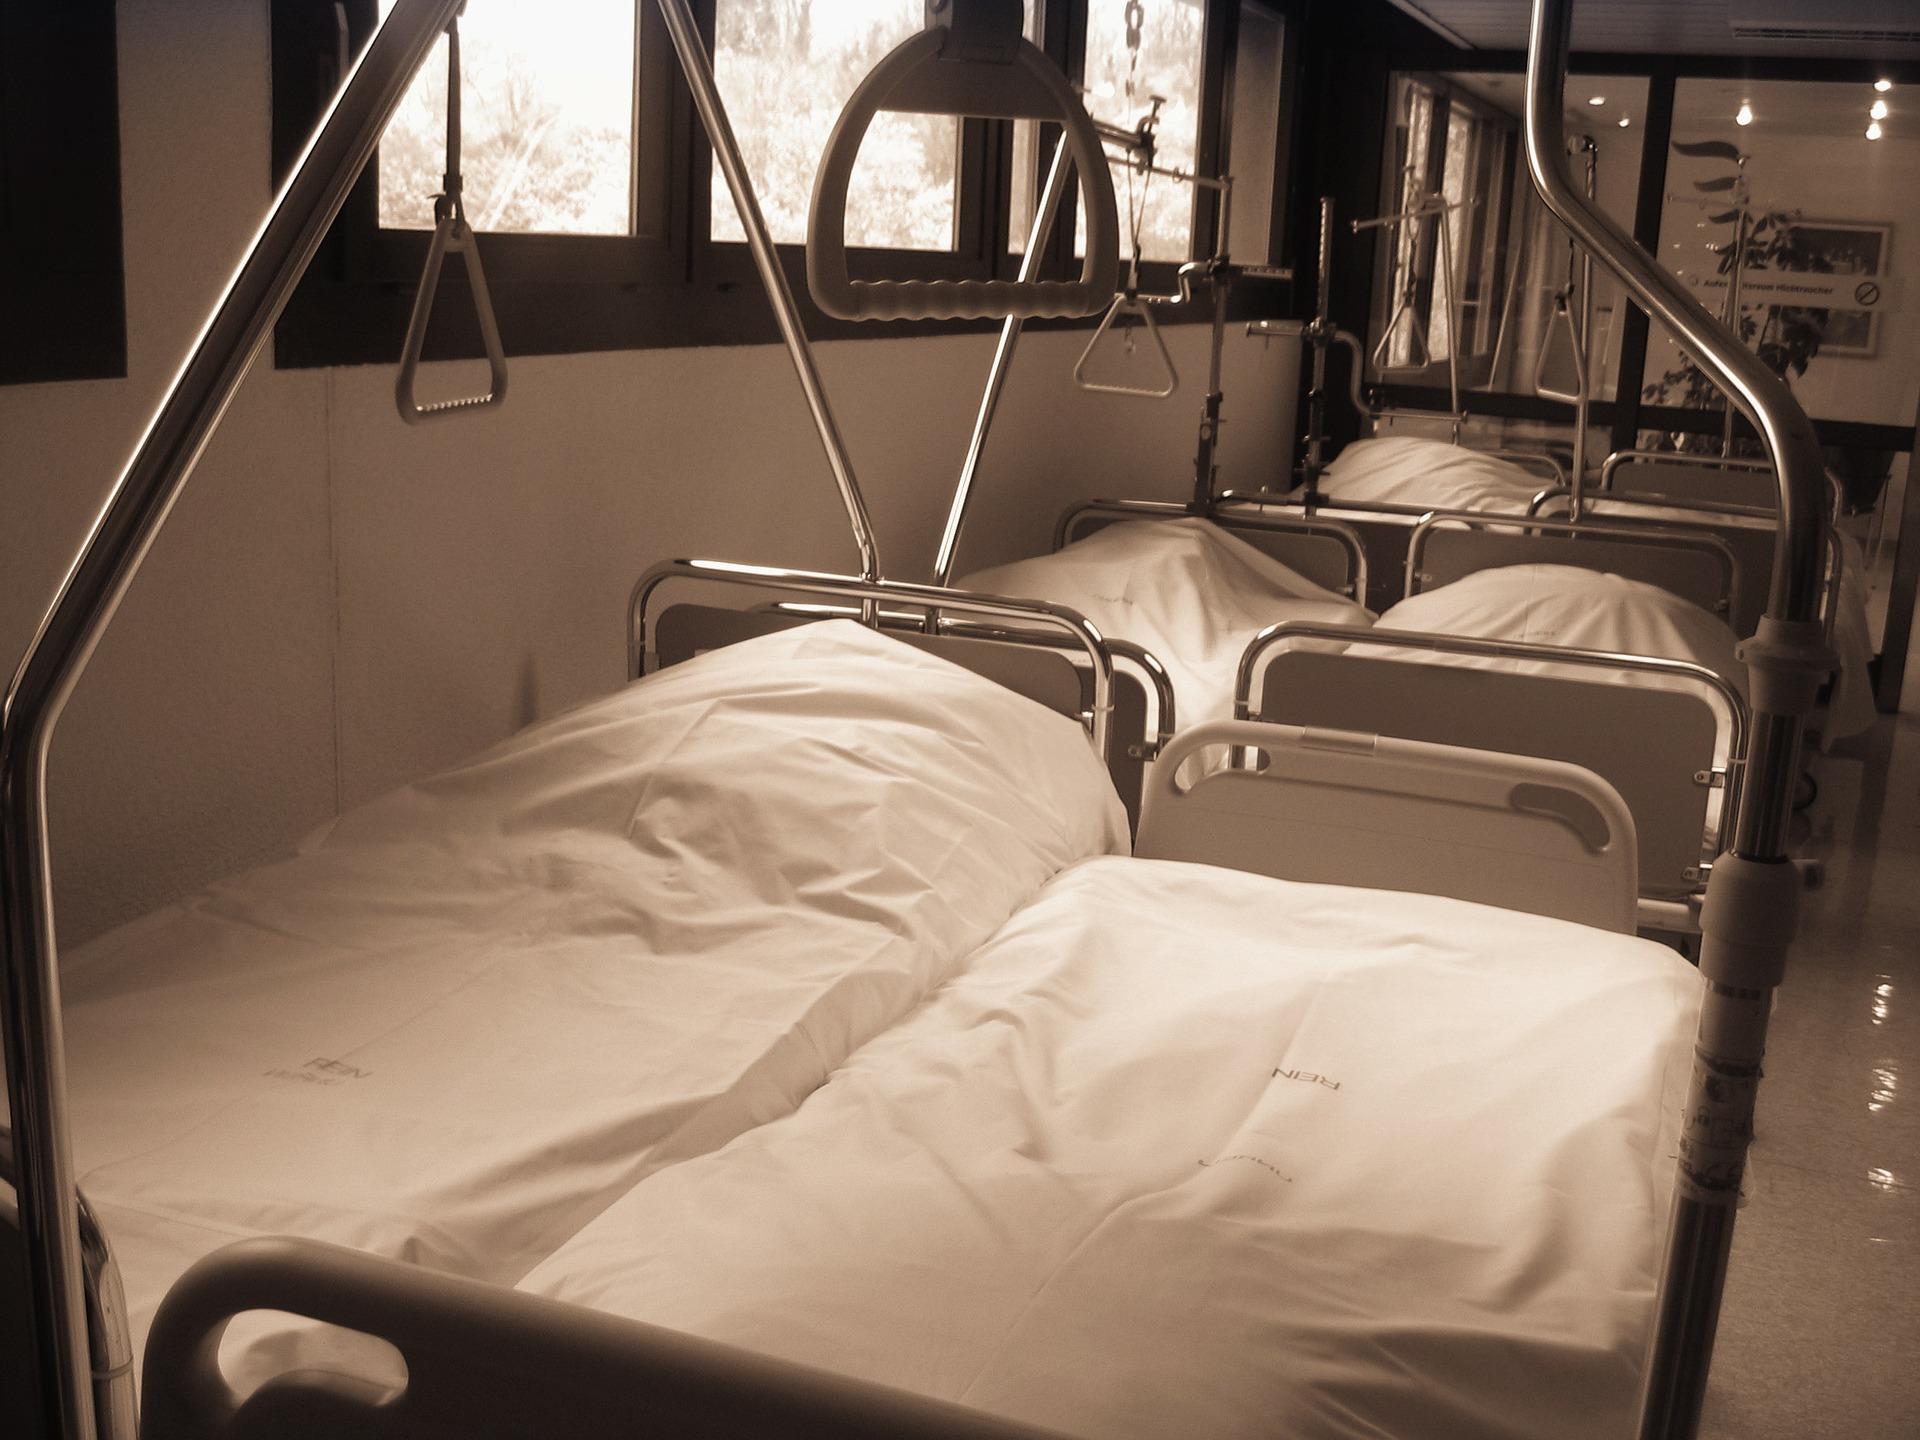 Nemocnice, nemocniční lůžko, postel